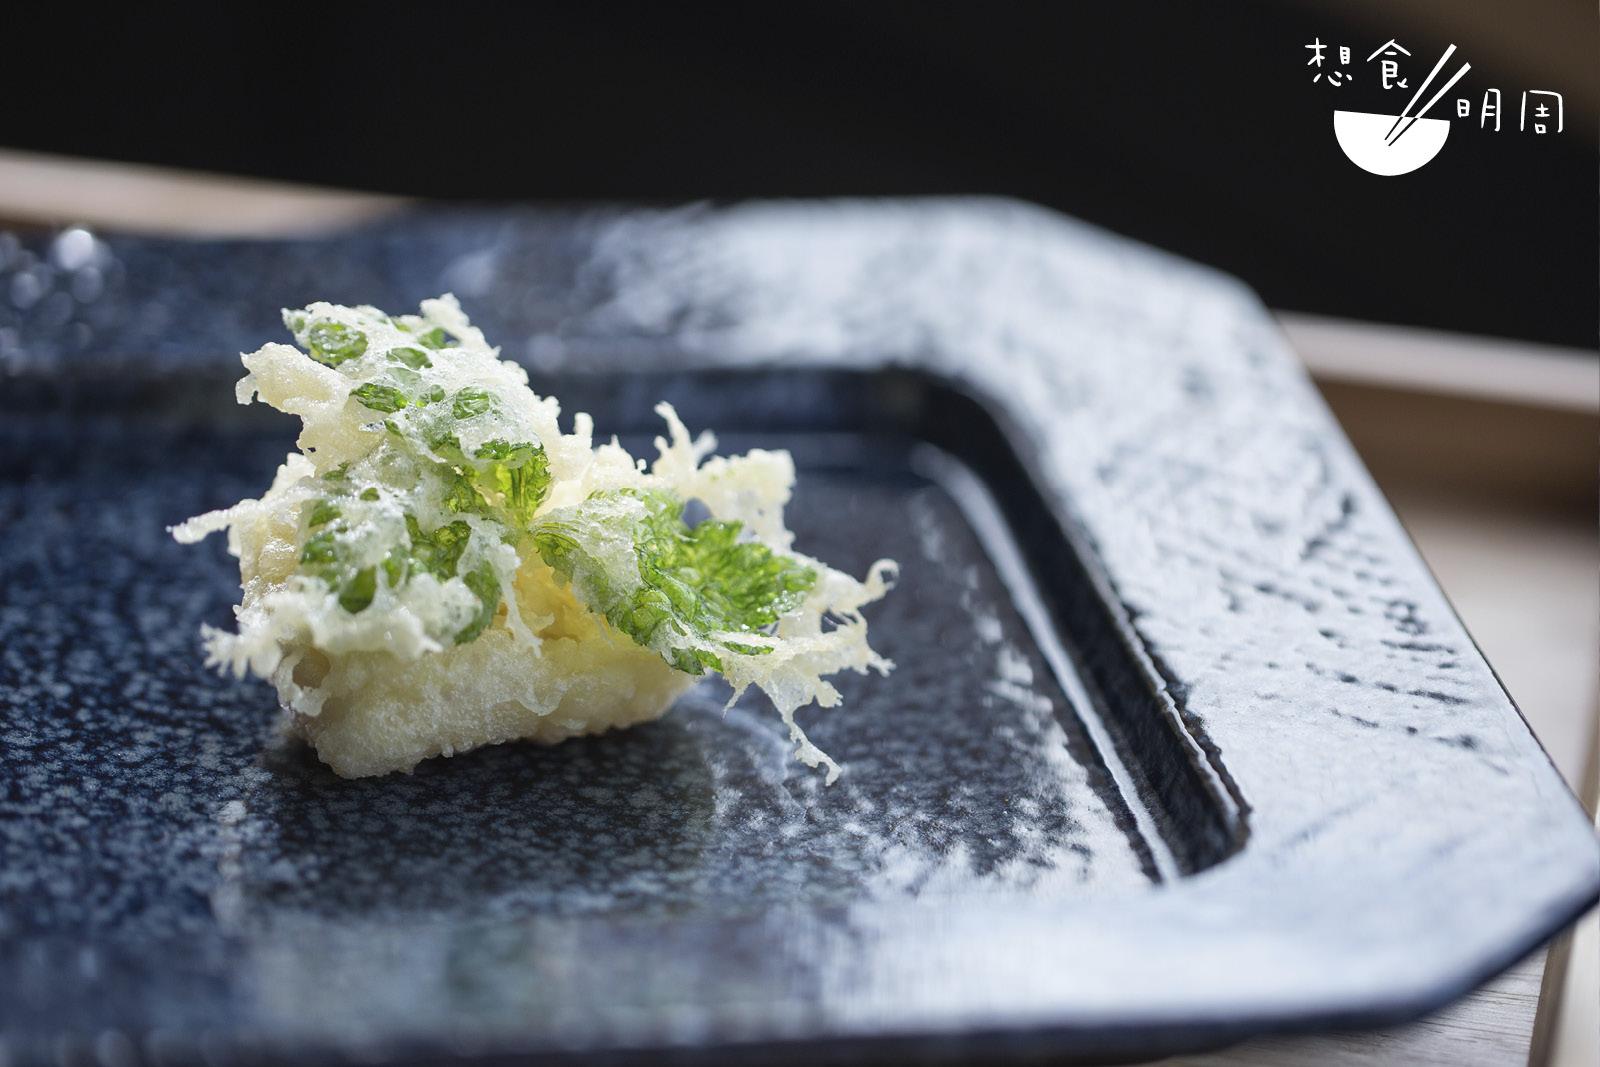 黃師傅表示,共花了一整個月研製「花膠三葉」這菜式,更一度打算放棄!